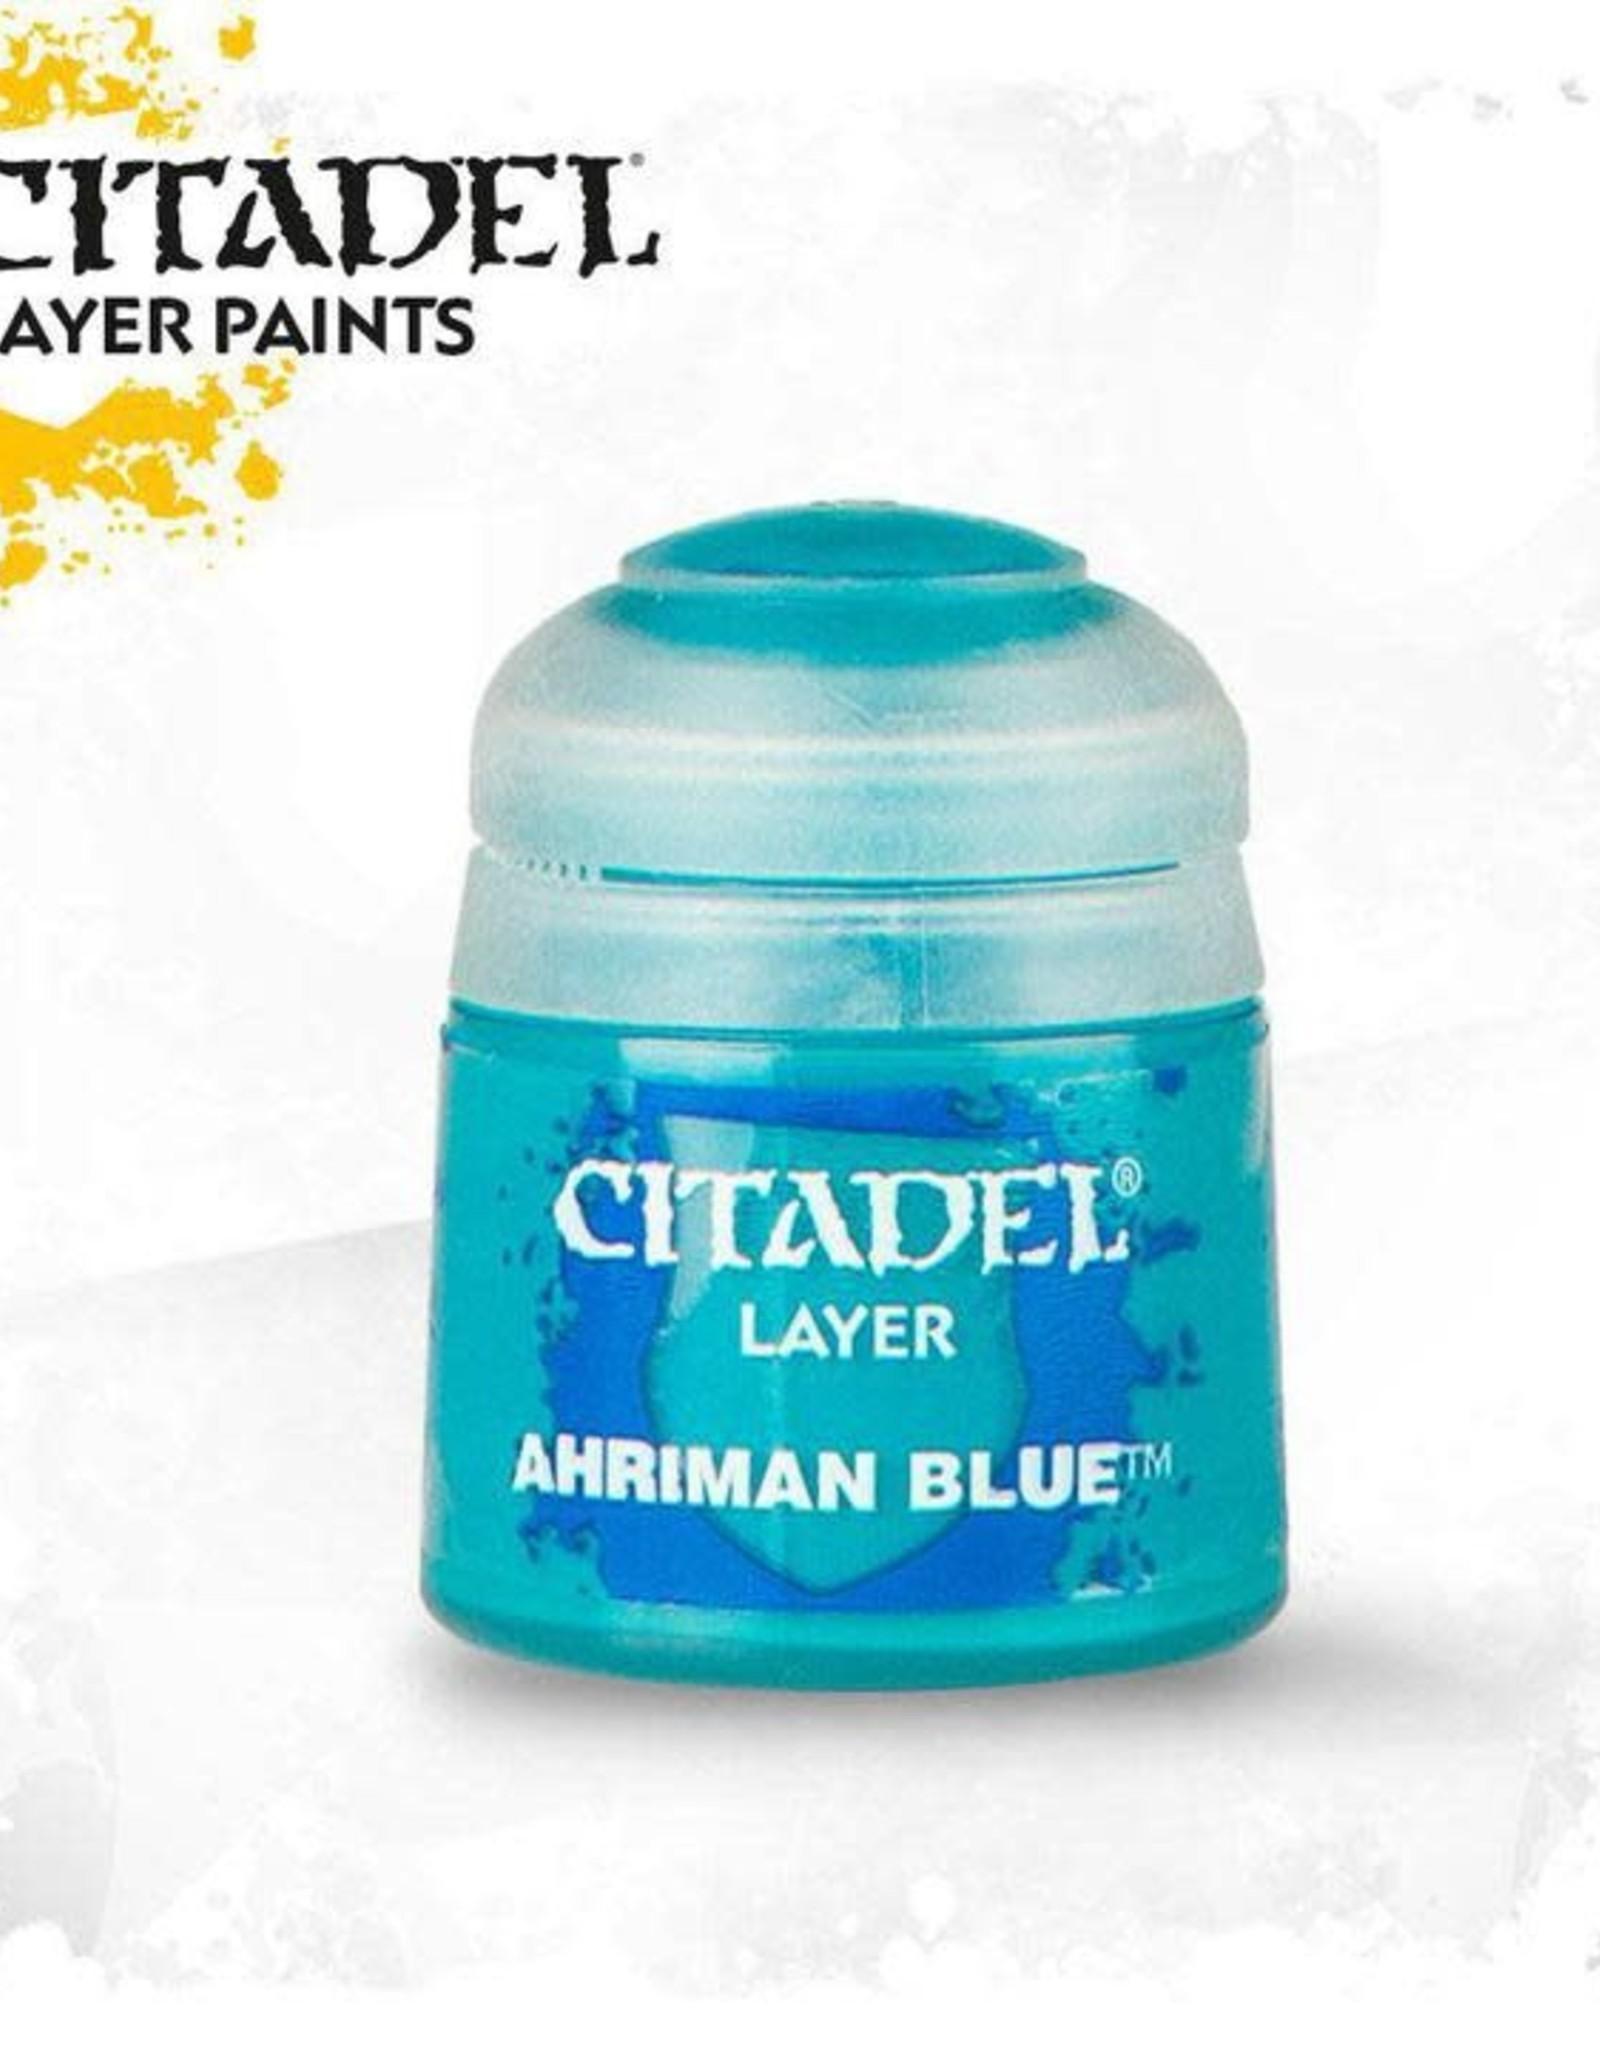 Games Workshop Citadel Paint: Layer - Ahriman Blue 12ml